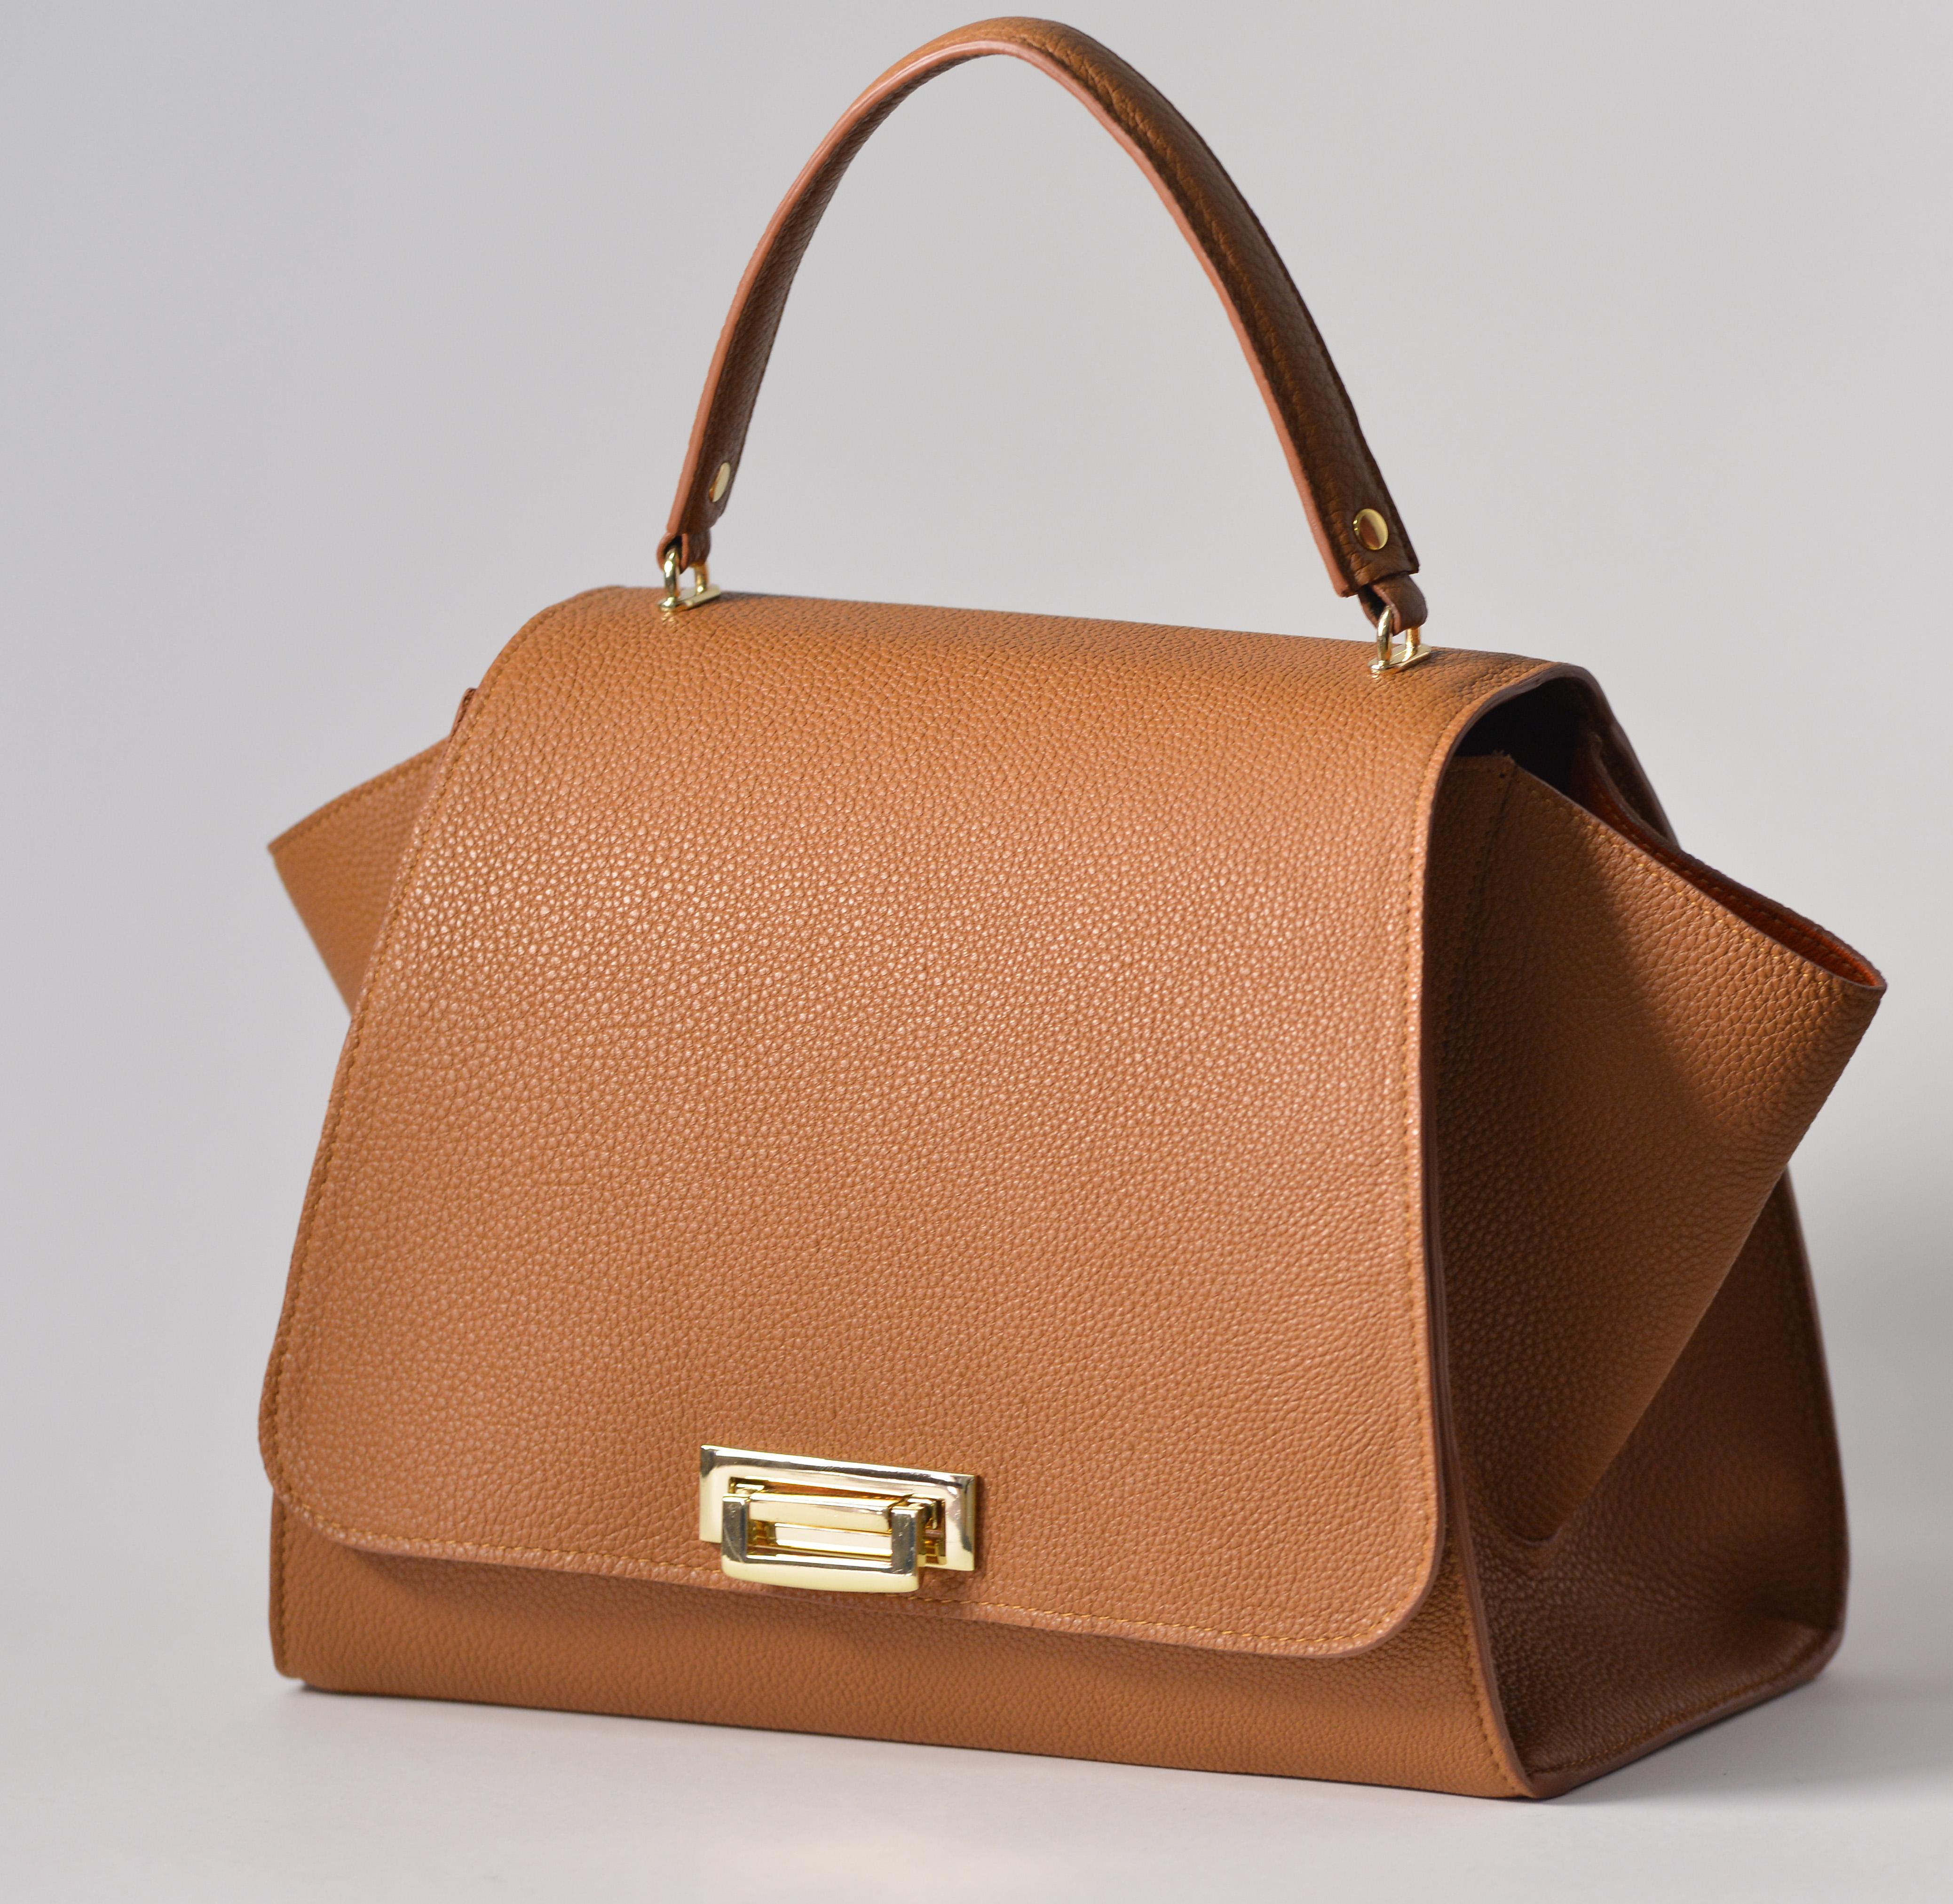 Основные достоинства сумок из натуральной кожи